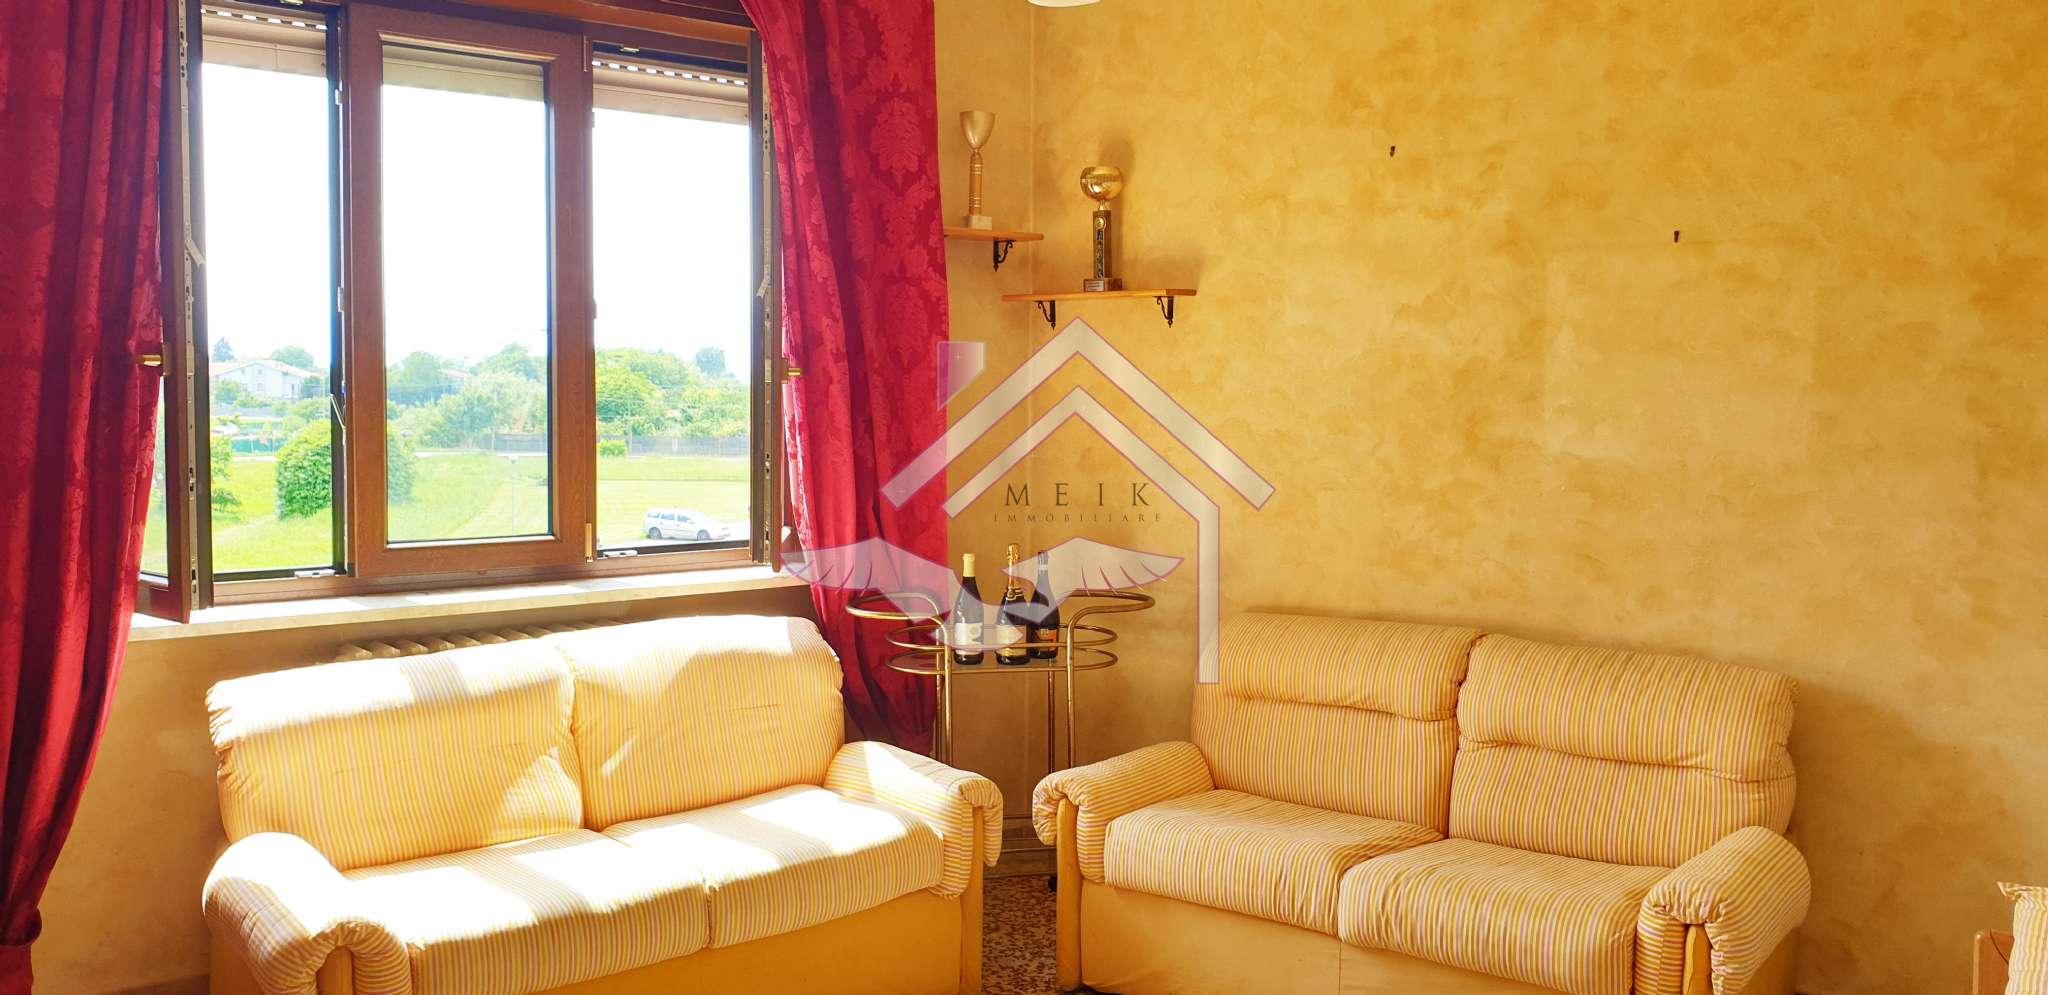 Appartamento in vendita a Volvera, 3 locali, prezzo € 69.000 | CambioCasa.it